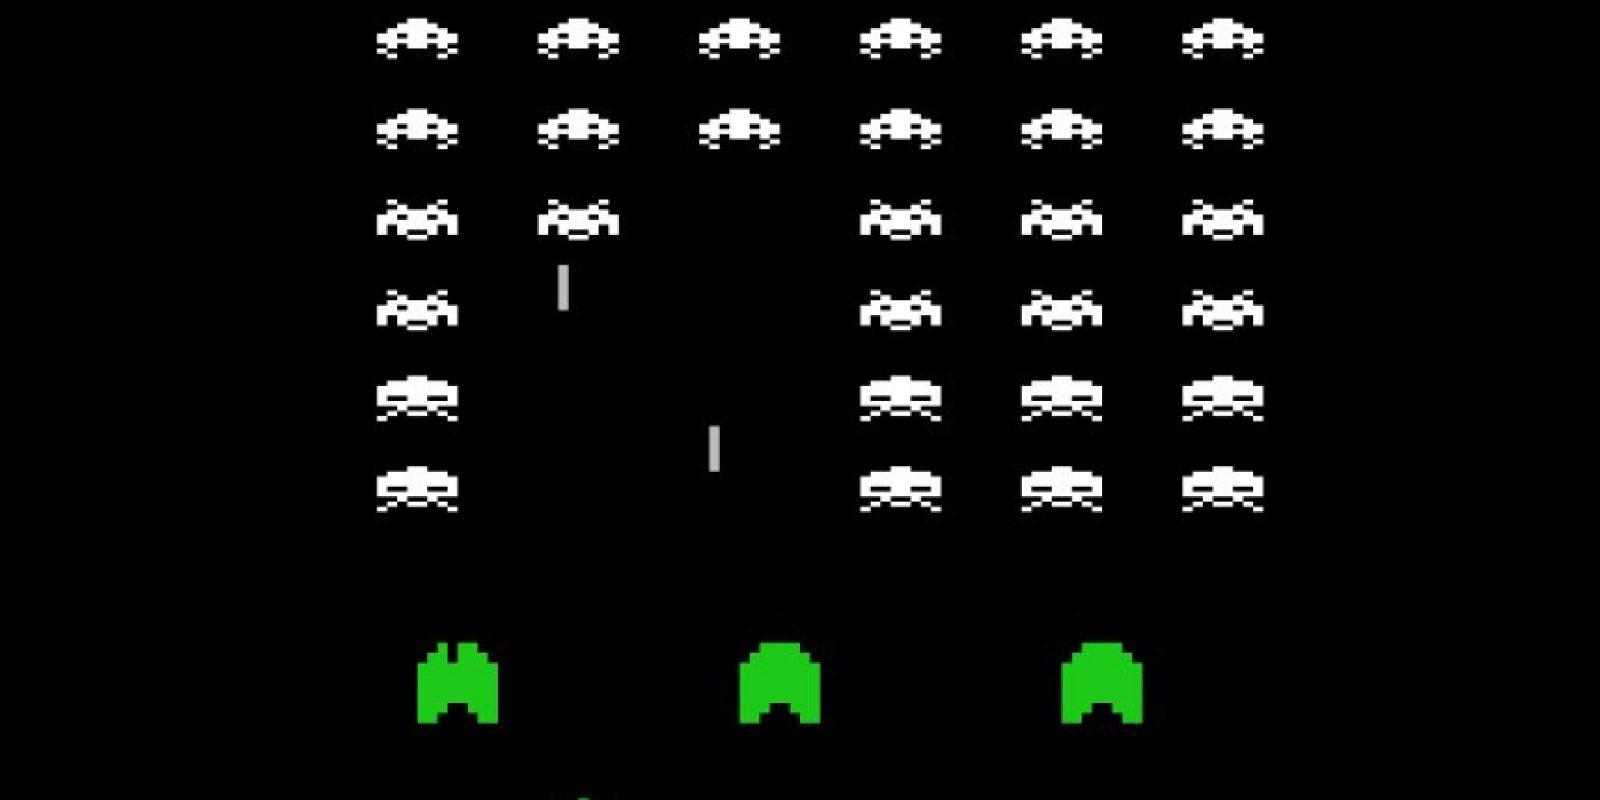 Space Invaders es considerado como uno de los juegos más importantes de la historia, ya que ayudó a expandir la industria de los videojuegos. Foto:Toshihiro Nishikado